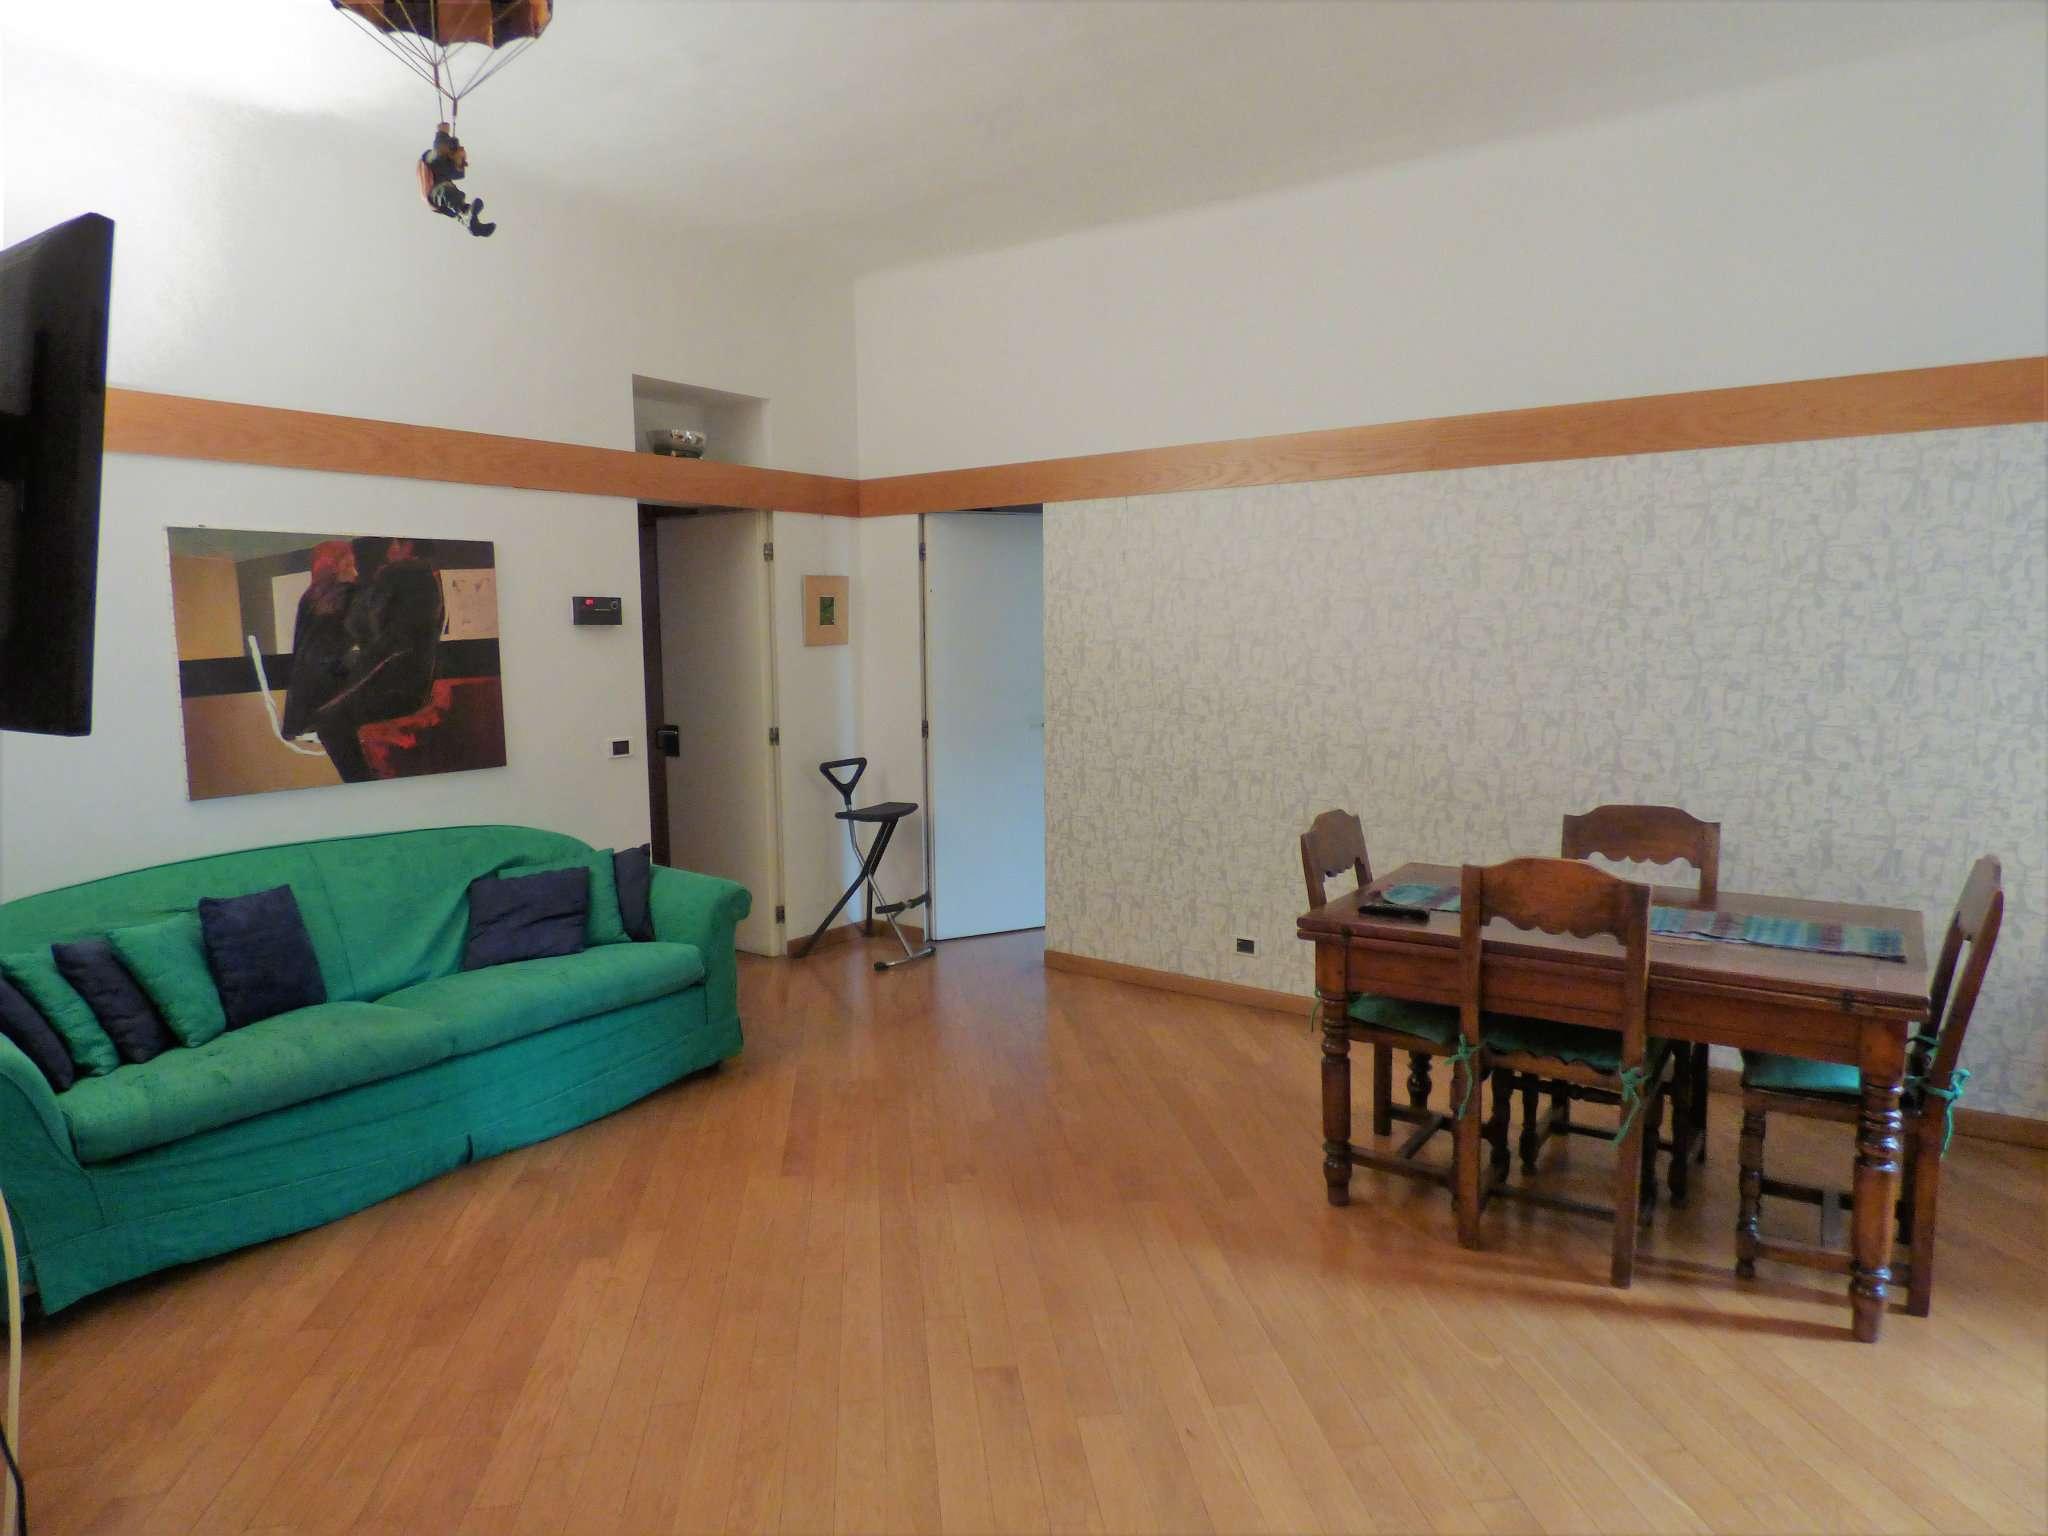 Appartamento in Vendita a Milano 03 Venezia / Piave / Buenos Aires: 2 locali, 90 mq